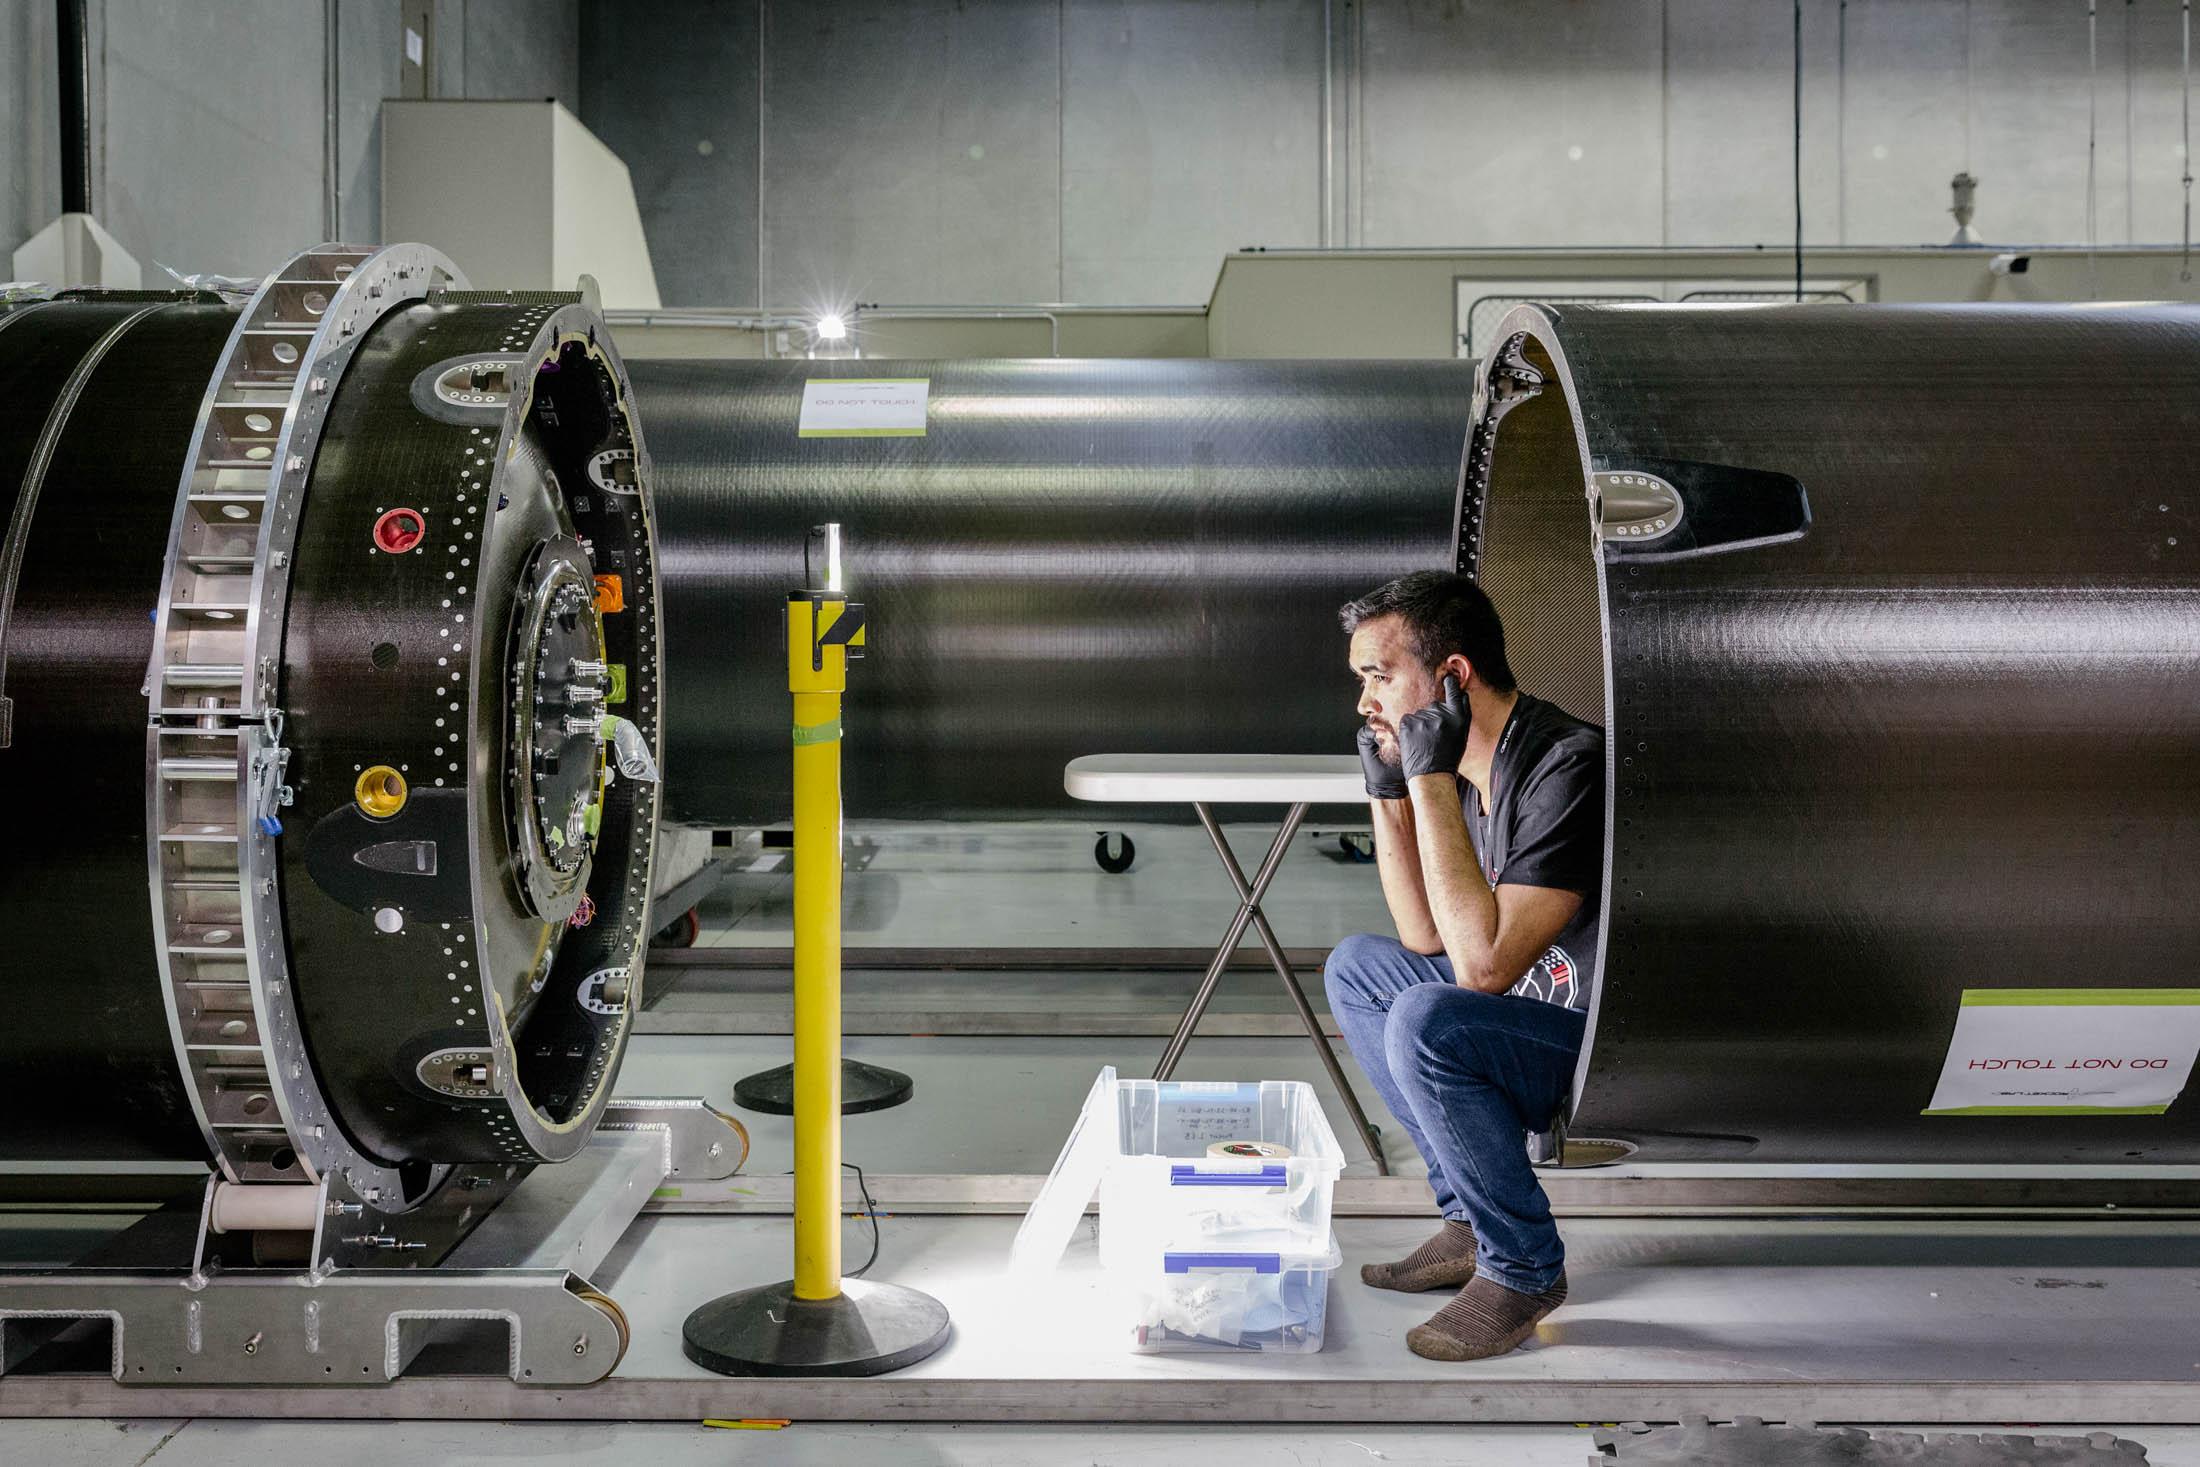 Новозеландец сделал дешёвую ракету из углеволокна и будет запускать мини-спутники - 4